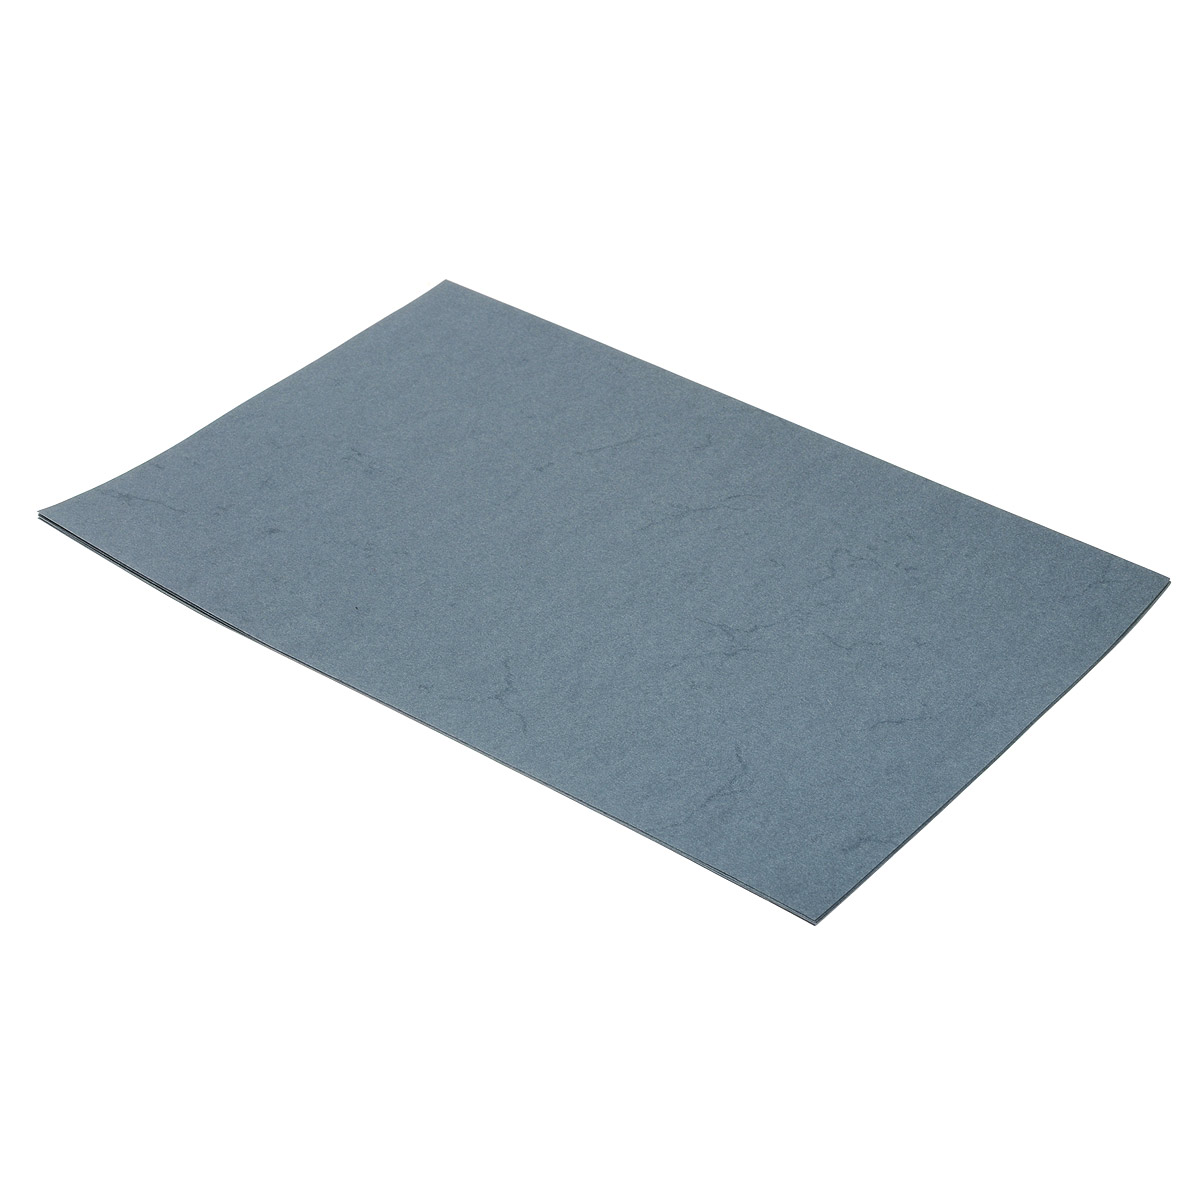 Бумага с имитацией пергамента Folia, цвет: серый, A4, 10 л97775318Гладкая тонированная дизайнерская бумага Folia с имитацией окрашенного пергамента идеальна для изготовления оригинальных визиток, папок, календарей, презентационной продукции. Также бумага прекрасно подойдет для оформления творческих работ в технике скрапбукинг. Ее можно использовать для украшения фотоальбомов, скрап-страничек, подарков, конвертов, фоторамок, открыток и многого другого. В наборе - 10 листов.Скрапбукинг - это хобби, которое способно приносить массу приятных эмоций не только человеку, который этим занимается, но и его близким, друзьям, родным. Это невероятно увлекательное занятие, которое поможет вам сохранить наиболее памятные и яркие моменты вашей жизни, а также интересно оформить интерьер дома.Плотность бумаги: 110 г/м2.Размер листа: 21 см х 29,5 см.Формат листа: A4.